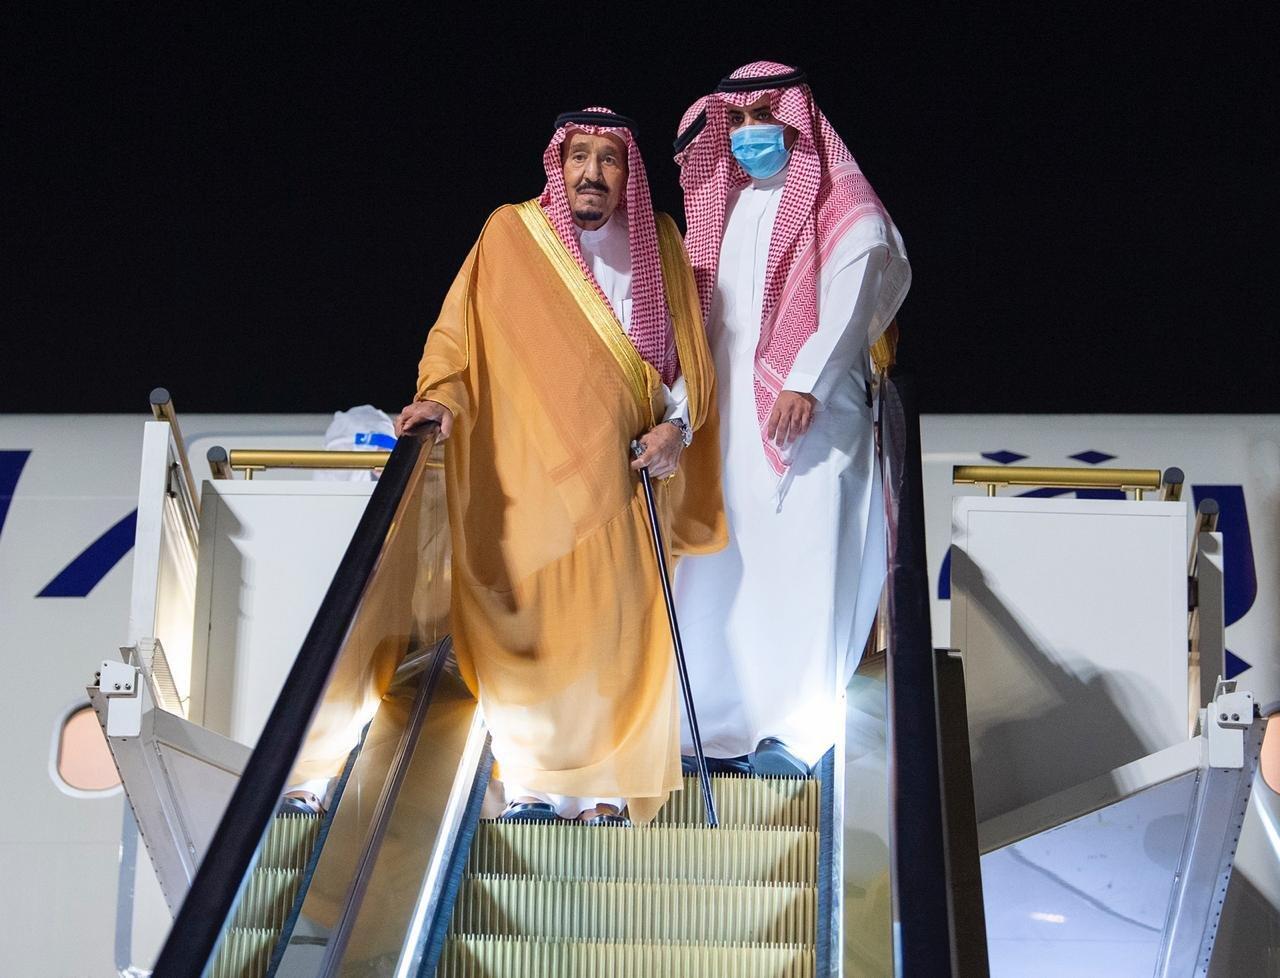 شاہ سلمان آپریشن کے بعد سیاحتی مرکز نیوم پر چھٹیاں گزار رہے ہیں